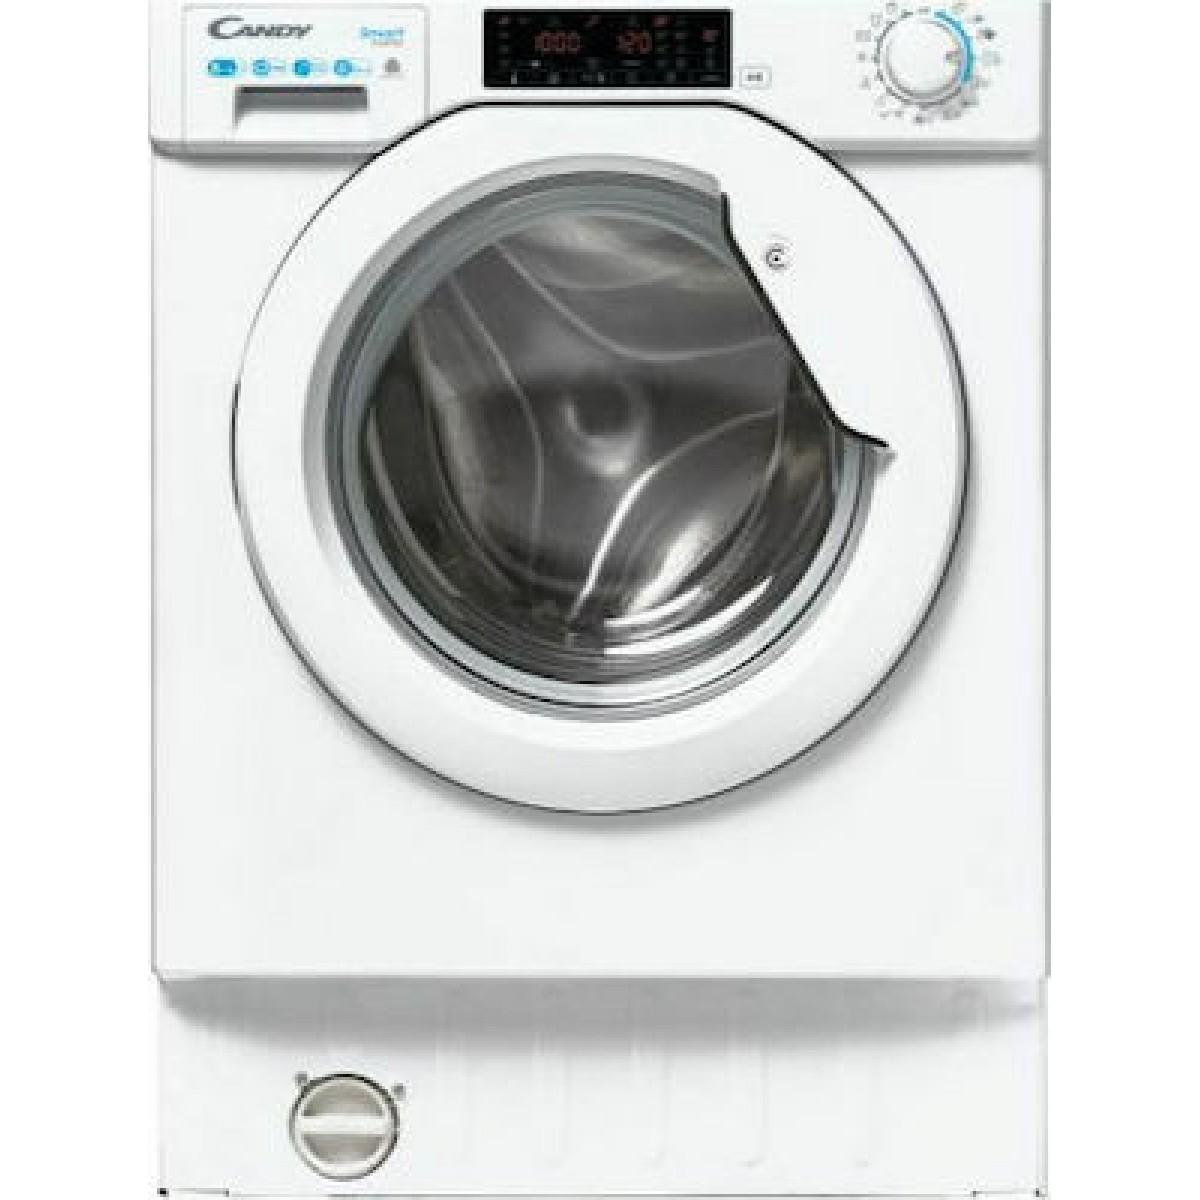 Εντοιχιζόμενο πλυντήριο στεγνωτήριο Candy CBD 485TWME/1-S Εντοιχιζόμενες Συσκευές